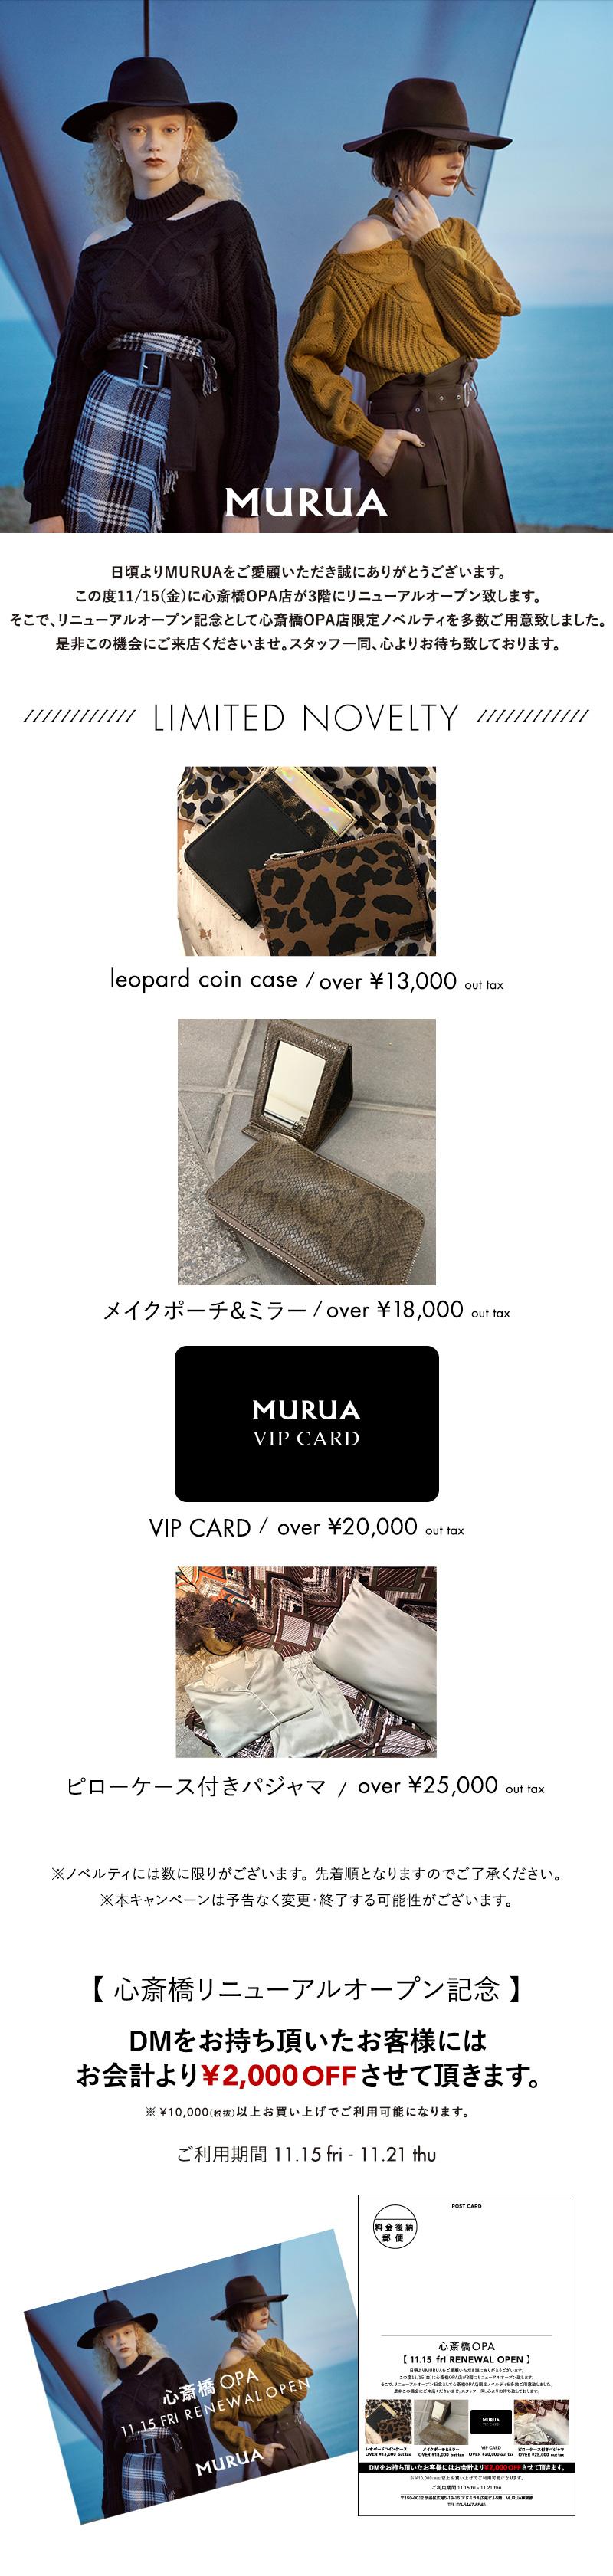 sp_sp_mr_191025_shinsaiopa